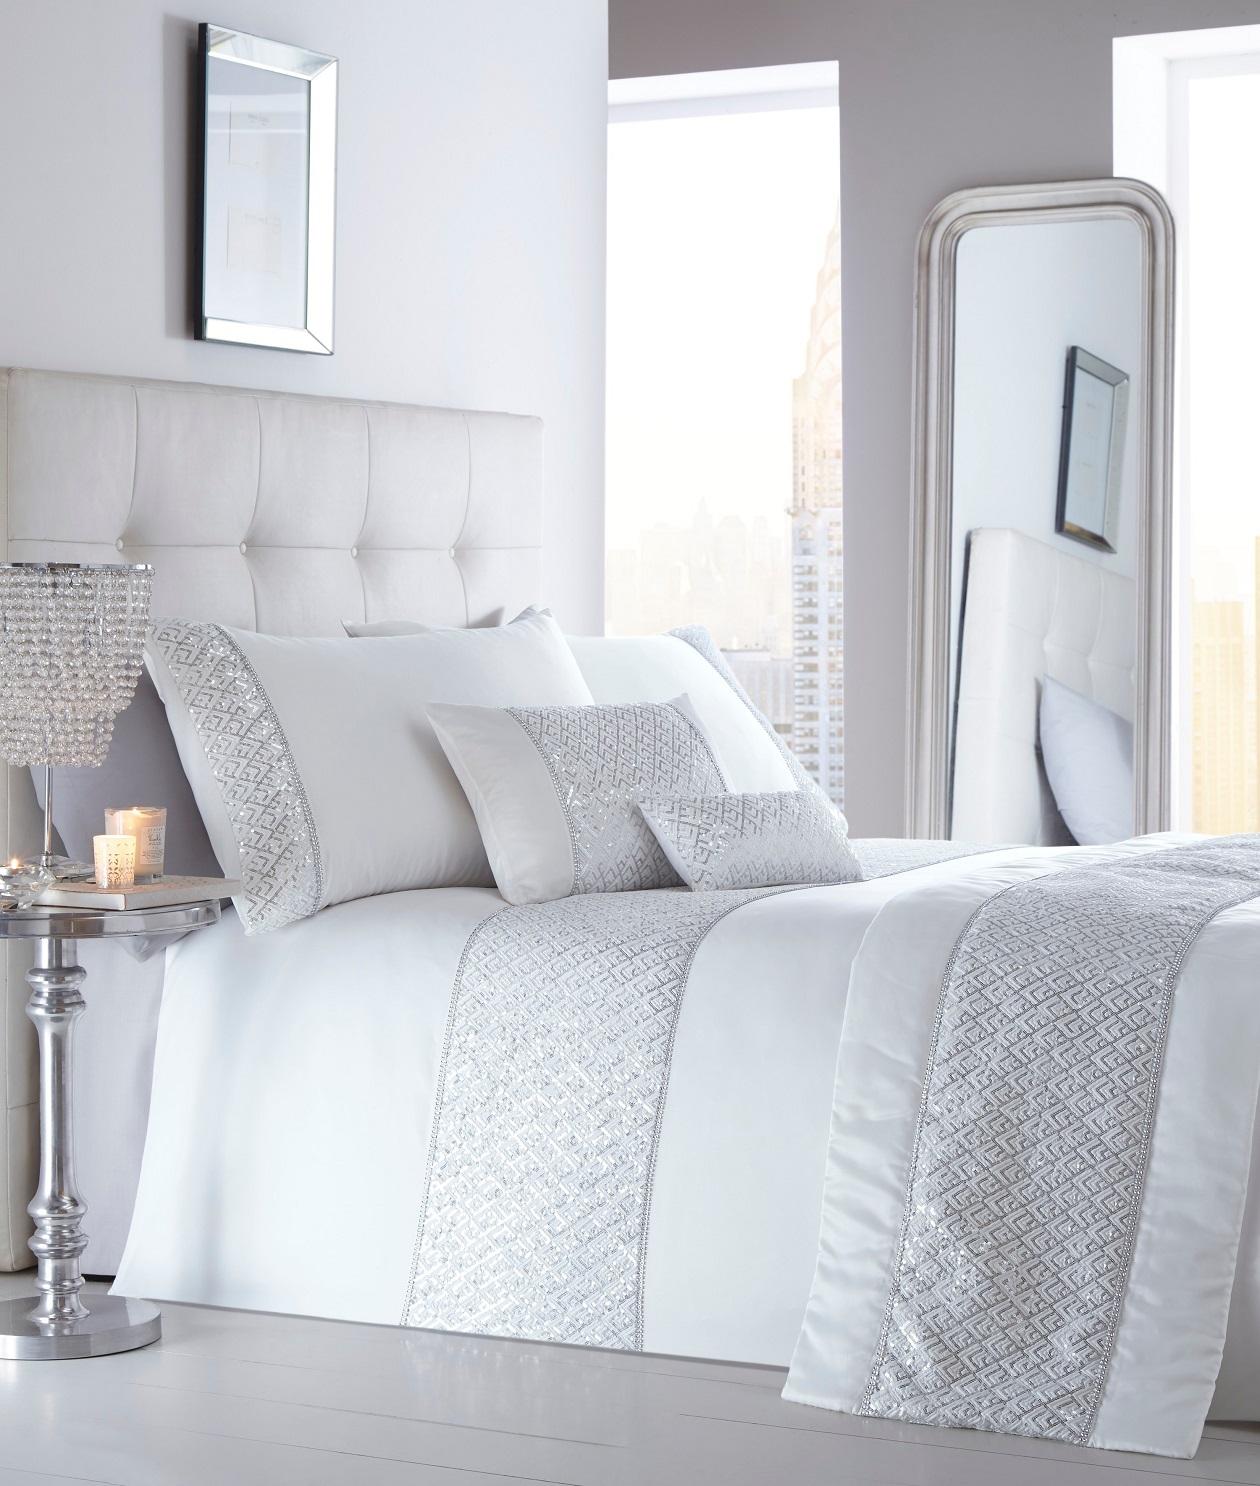 linen lp parachute essential quilt products duvet white